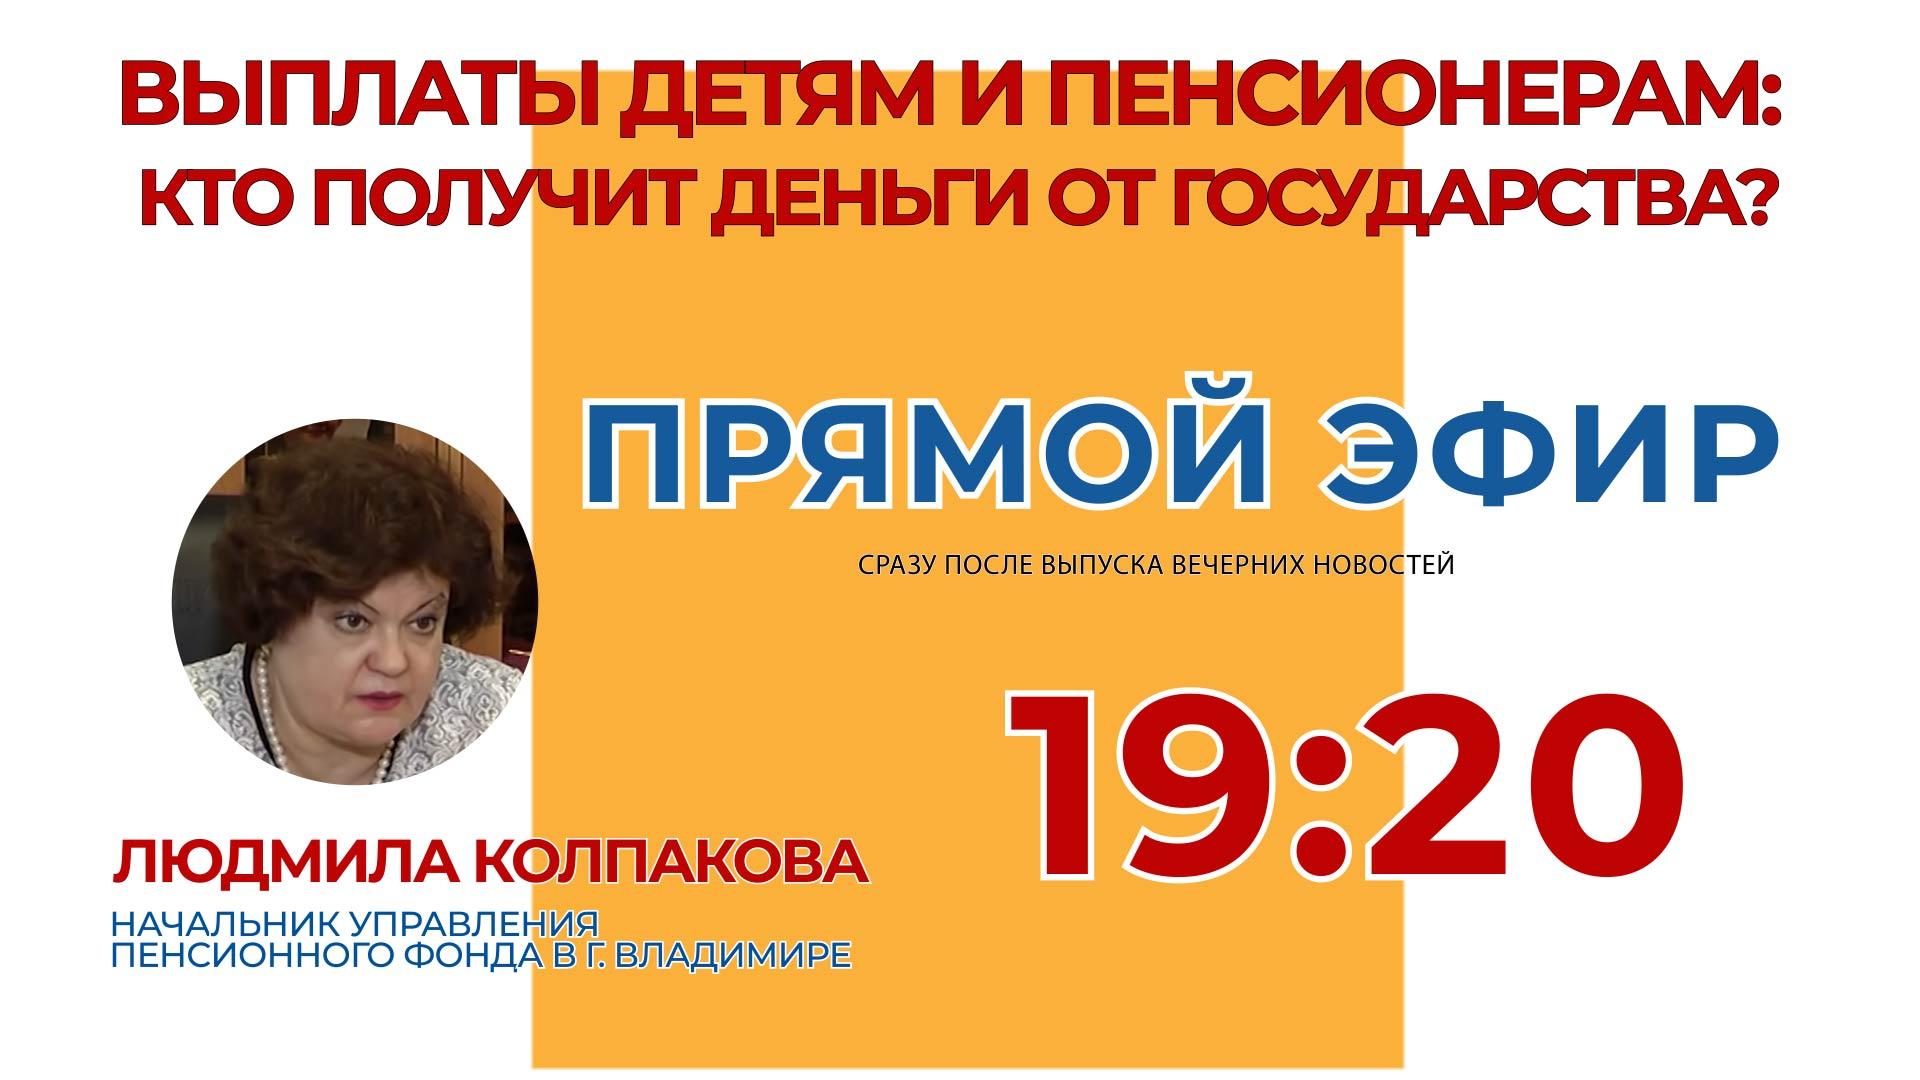 начальник Управления Пенсионного фонда в г. Владимире_00000